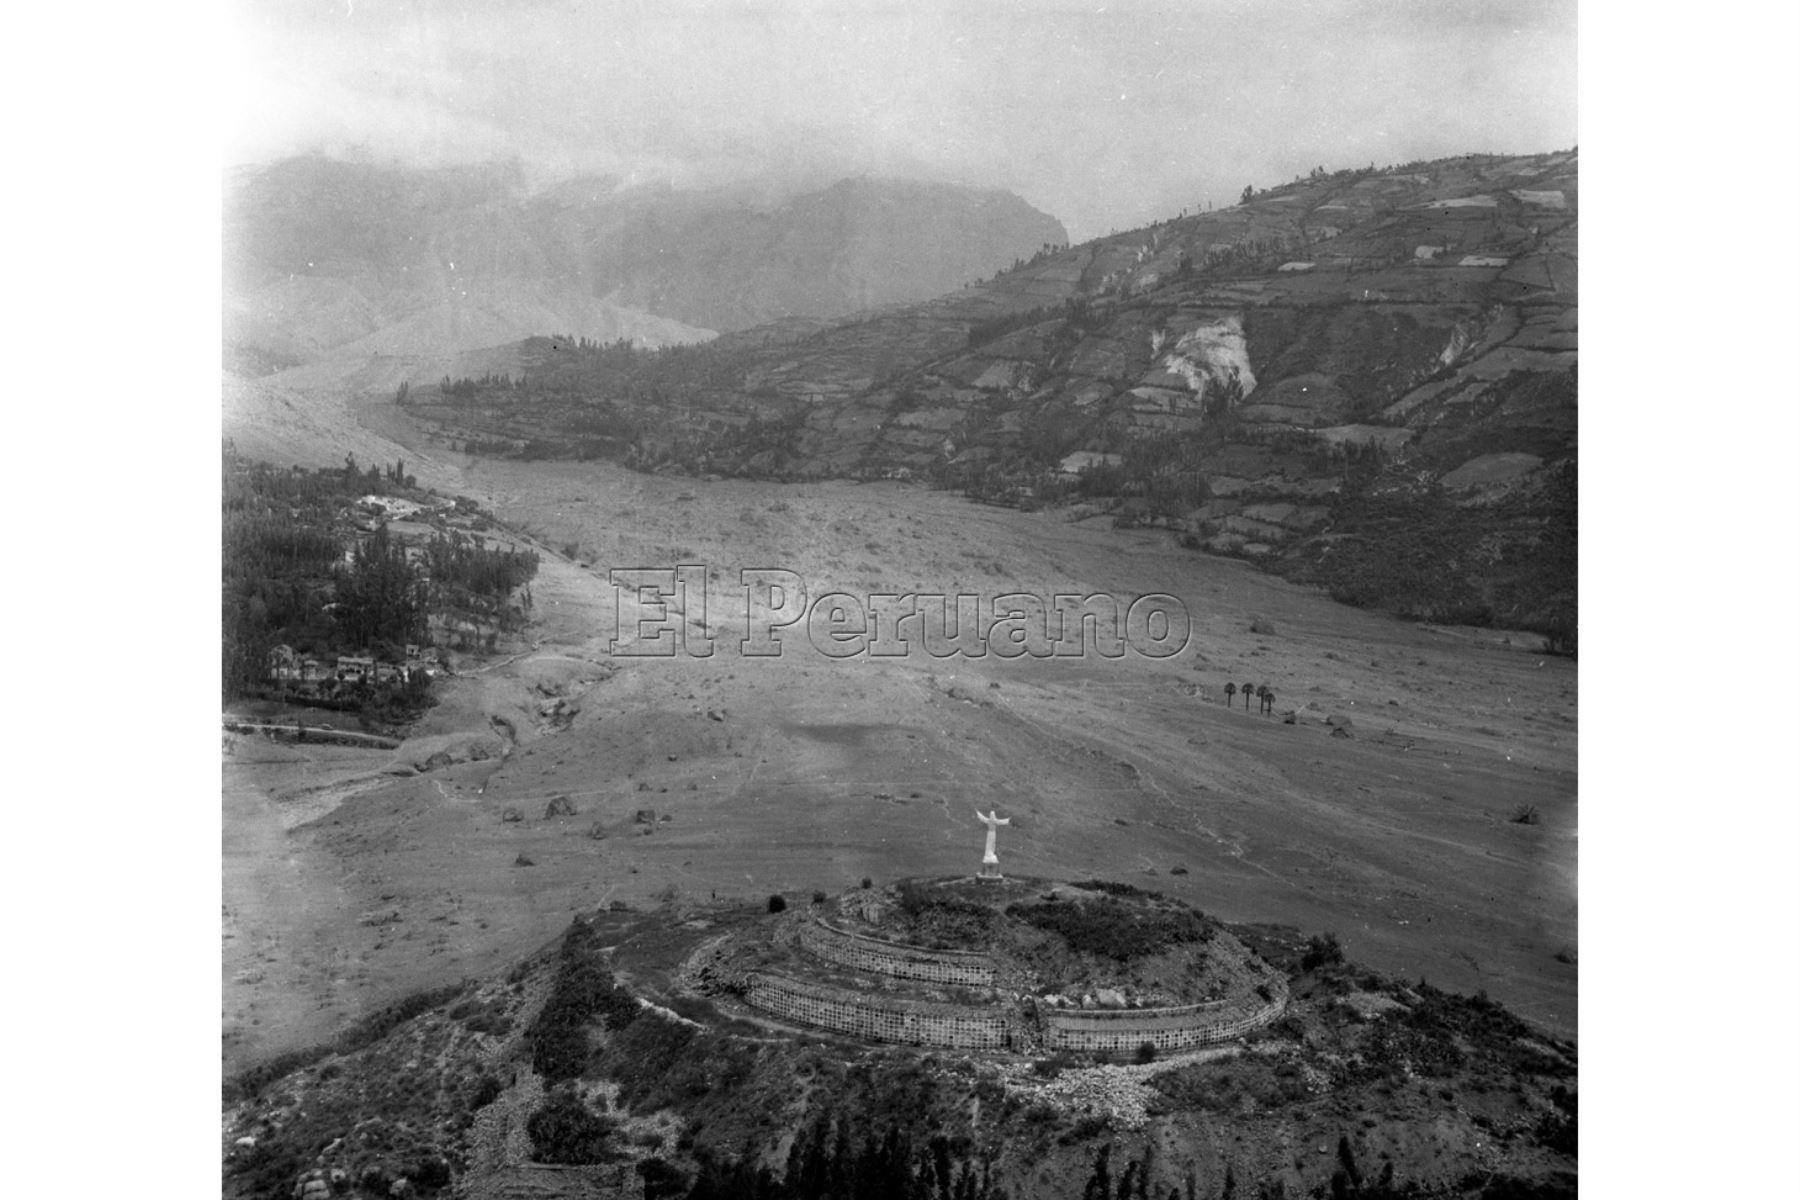 Ancash - 1 junio 1970 / Terremoto de Yungay.Vista panorámica de Yungay con el Cerro Huansakay y el cementerio de la ciudad  donde se salvó un grupo de pobladores. Se aprecian también las cuatro palmeras en lo que fue la Plaza de Armas.